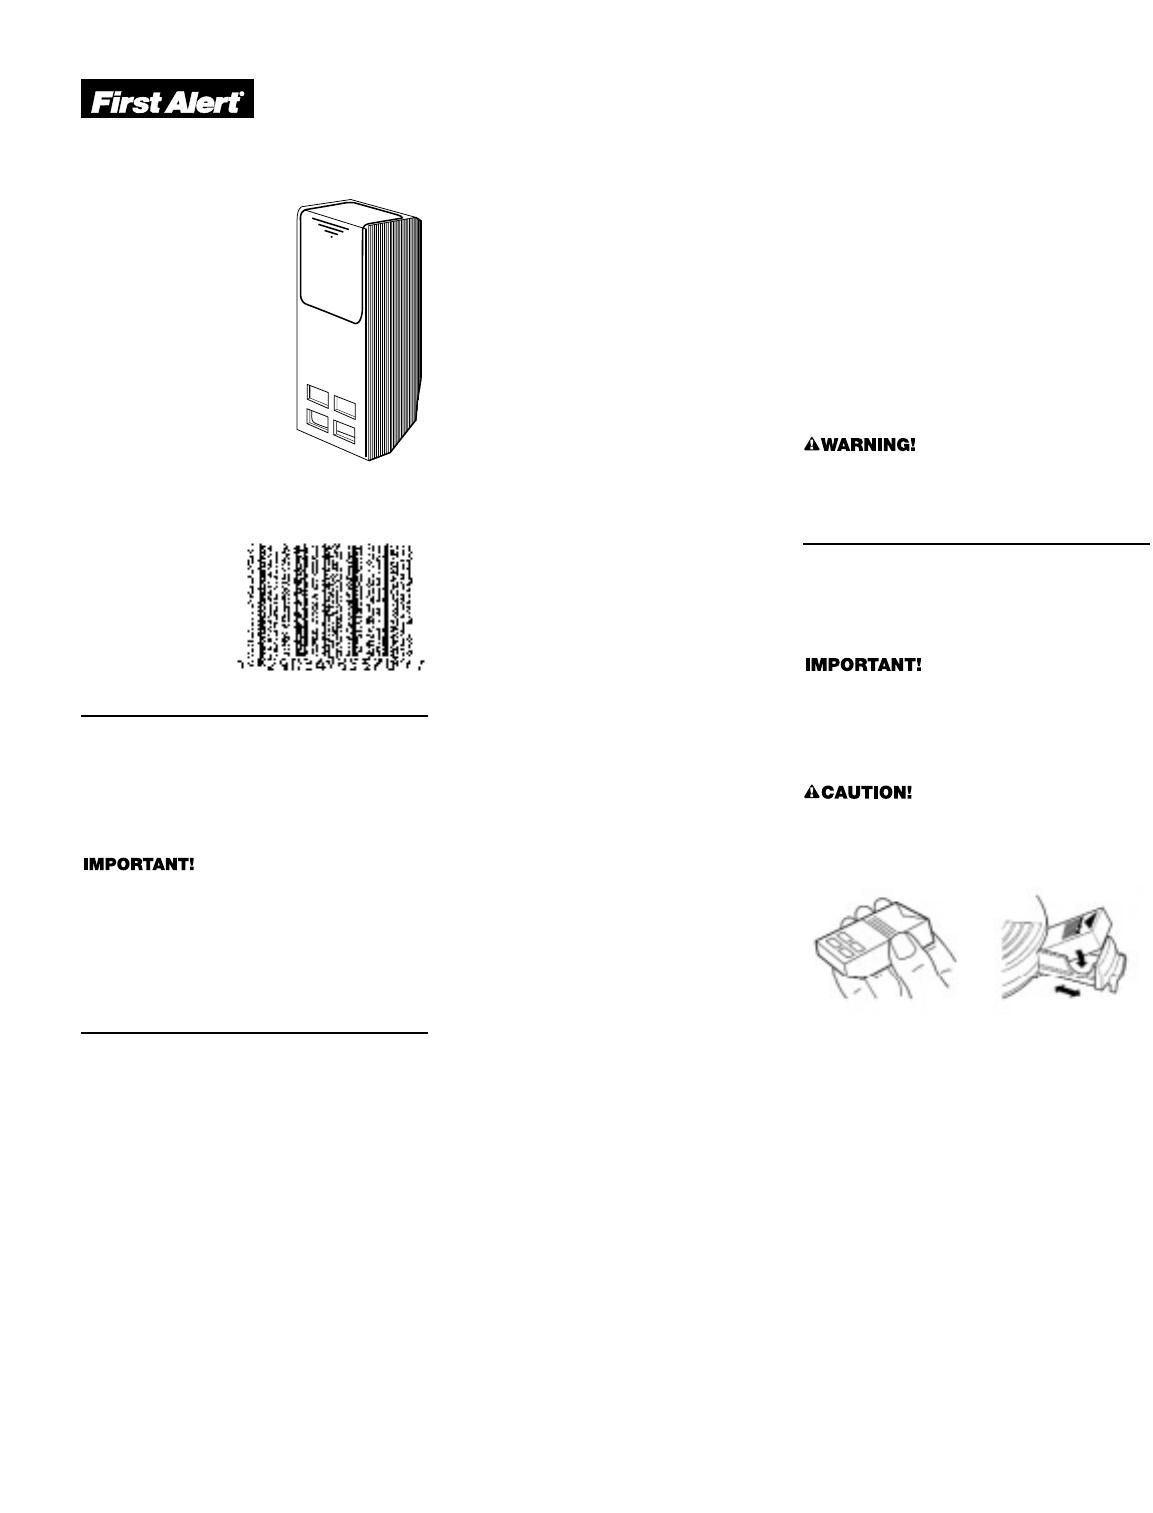 Garrison carbon monoxide alarm user guide